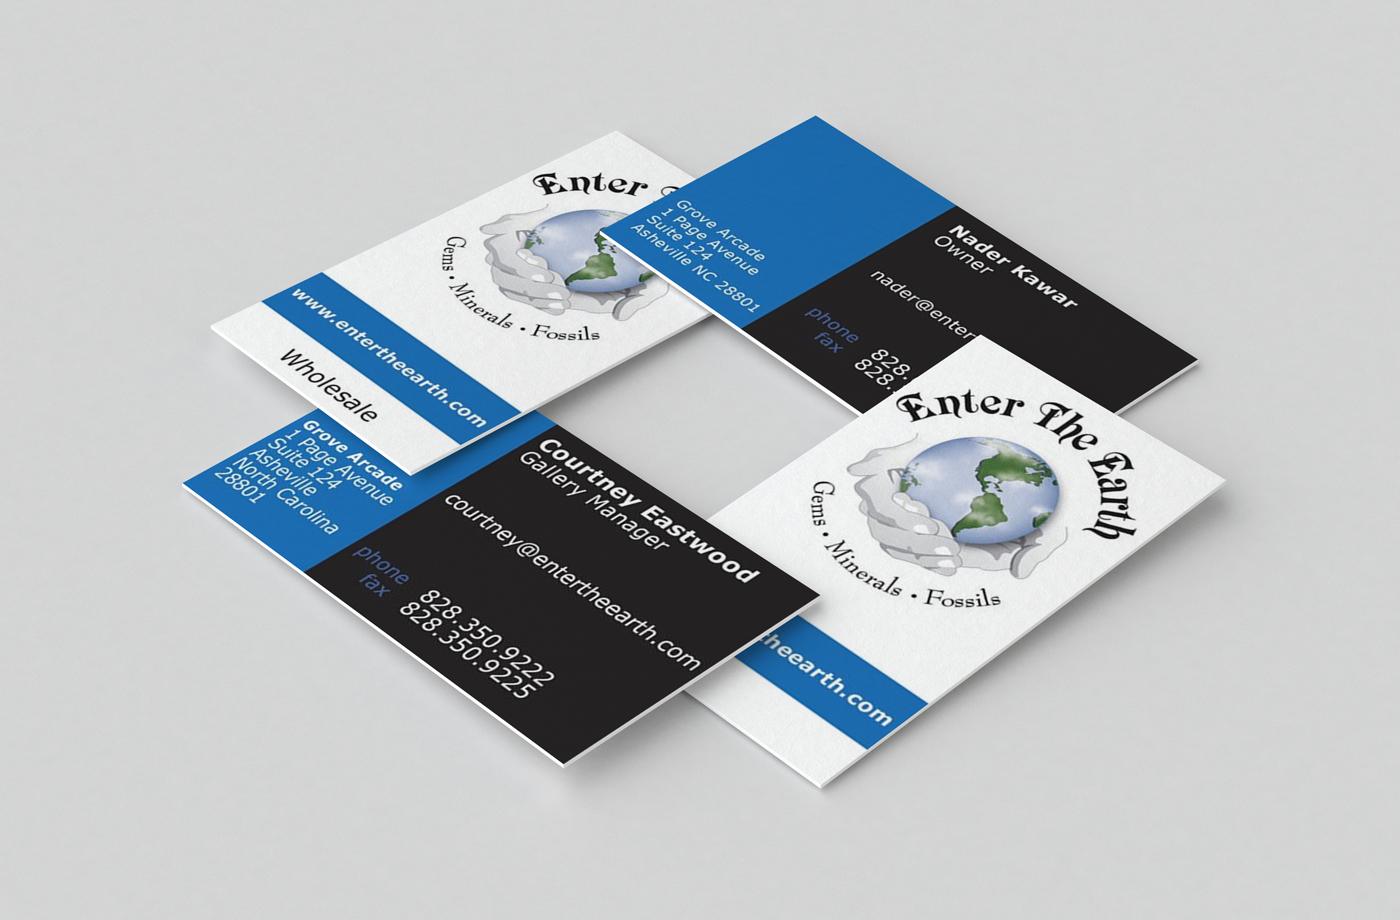 BUSINESS CARD DESIGN Asheville Retail & Wholesale